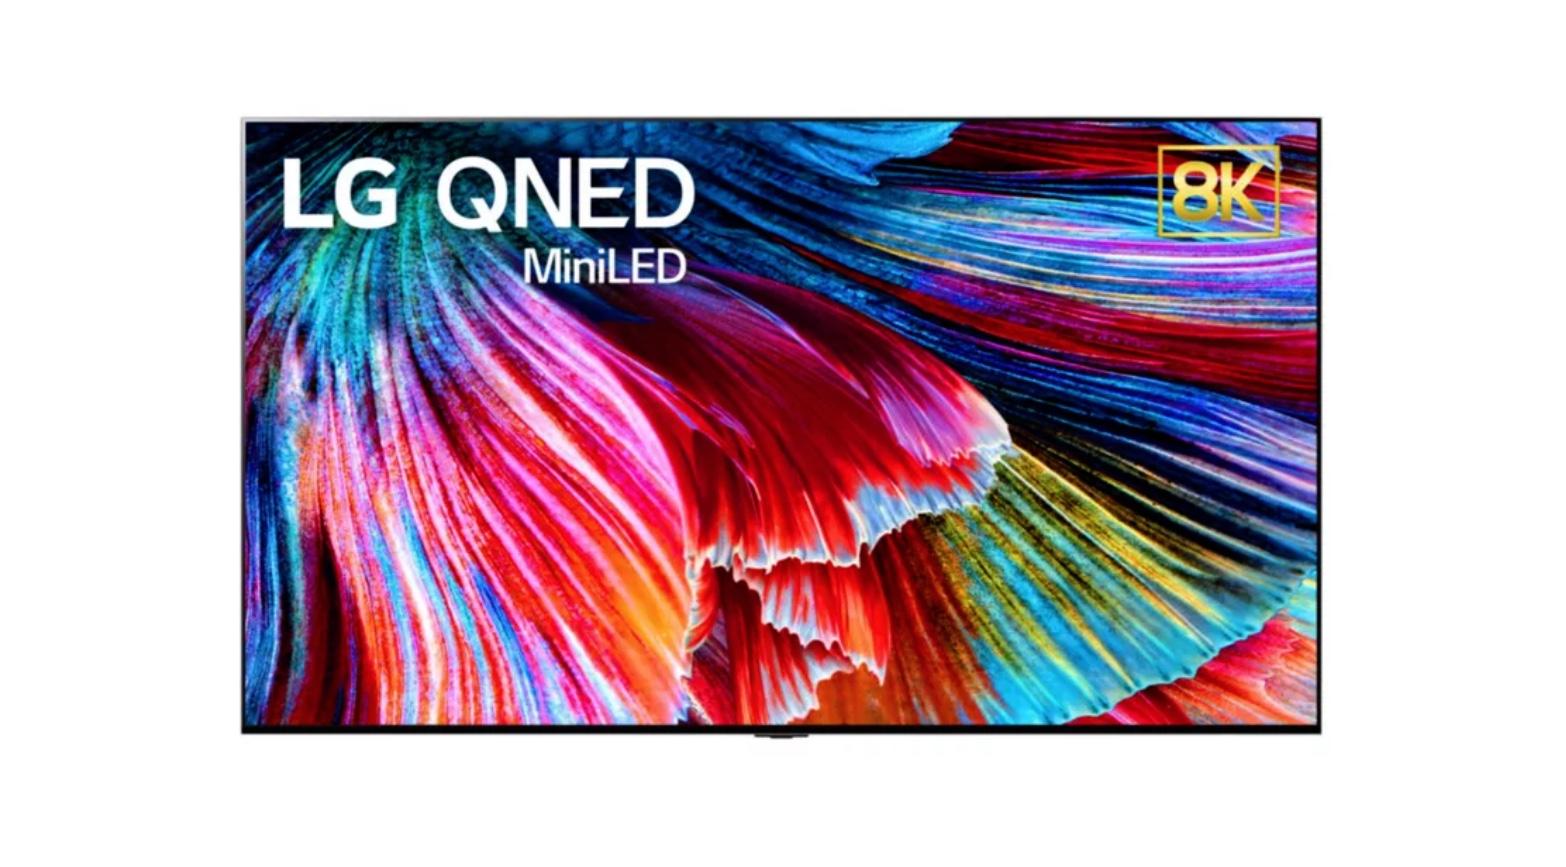 QNED : LG arme ses téléviseurs Mini LED, avec l'ambition d'un contraste au niveau de l'OLED